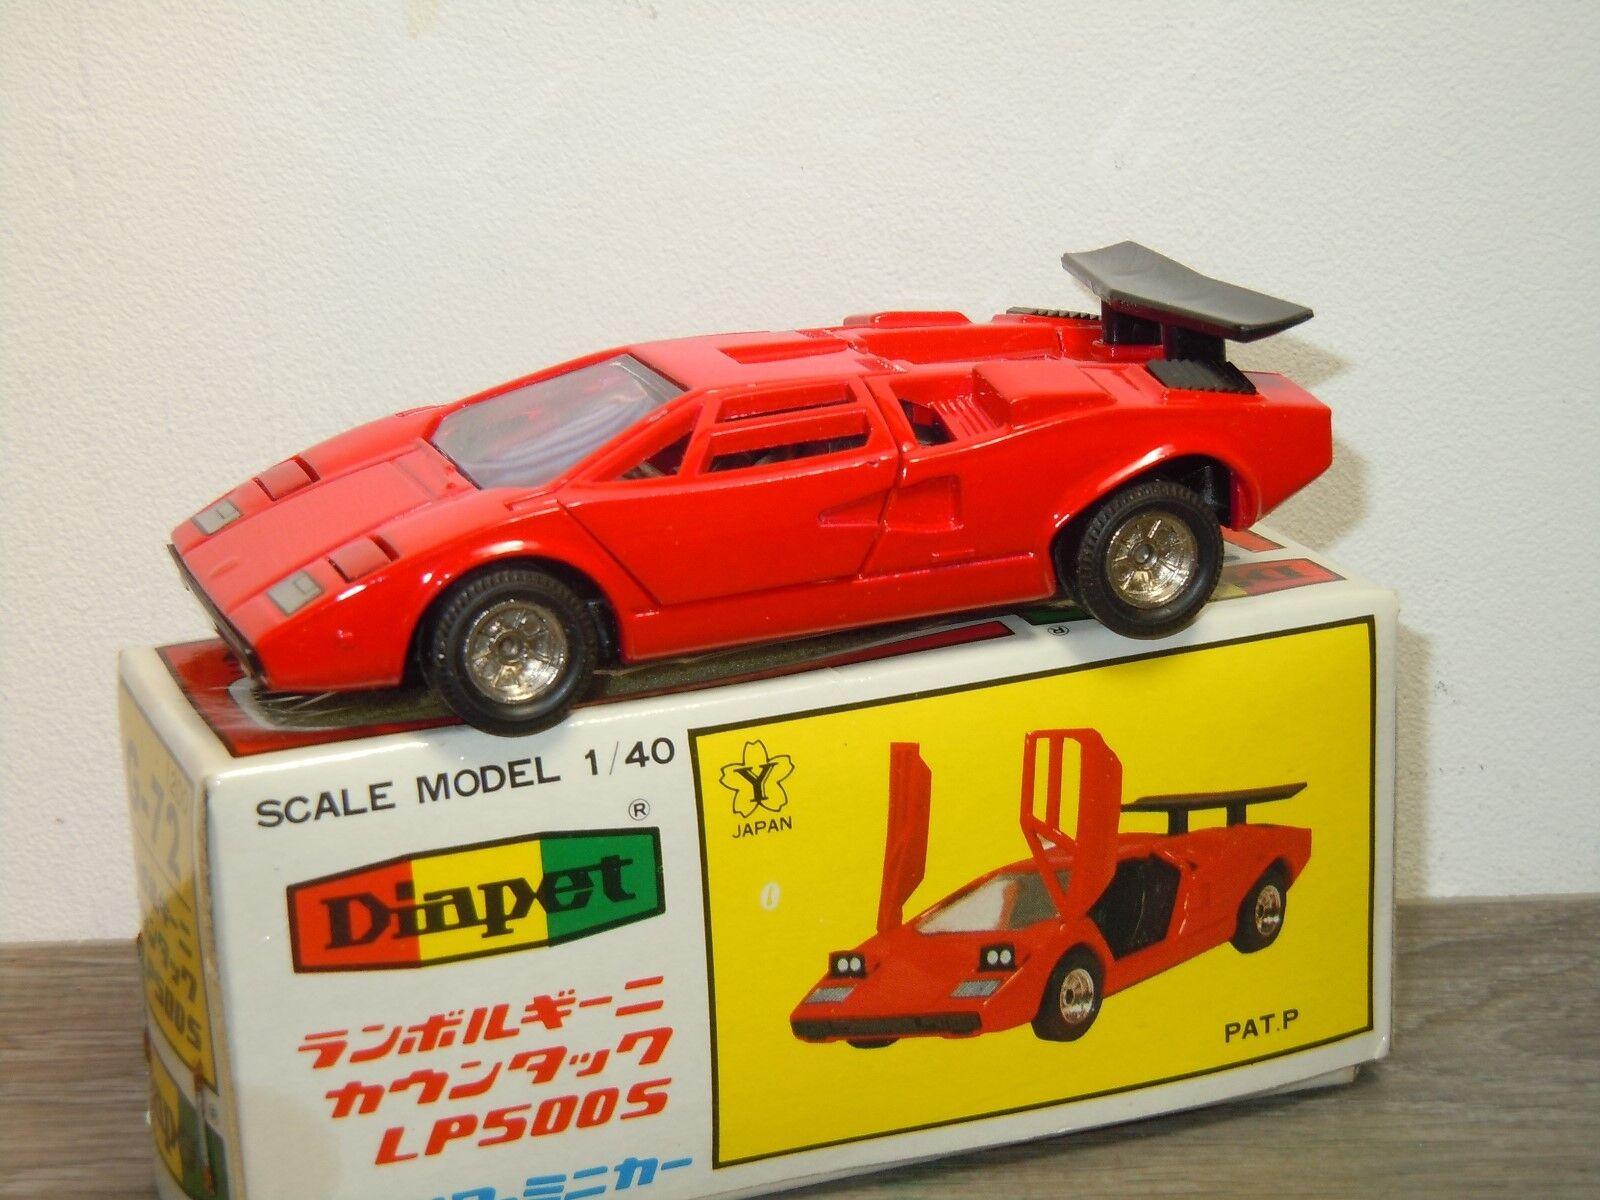 Lamborghini Countach LP500S - Diapet Yonezawa Toys G-72 Japan 1 40 in Box 34456